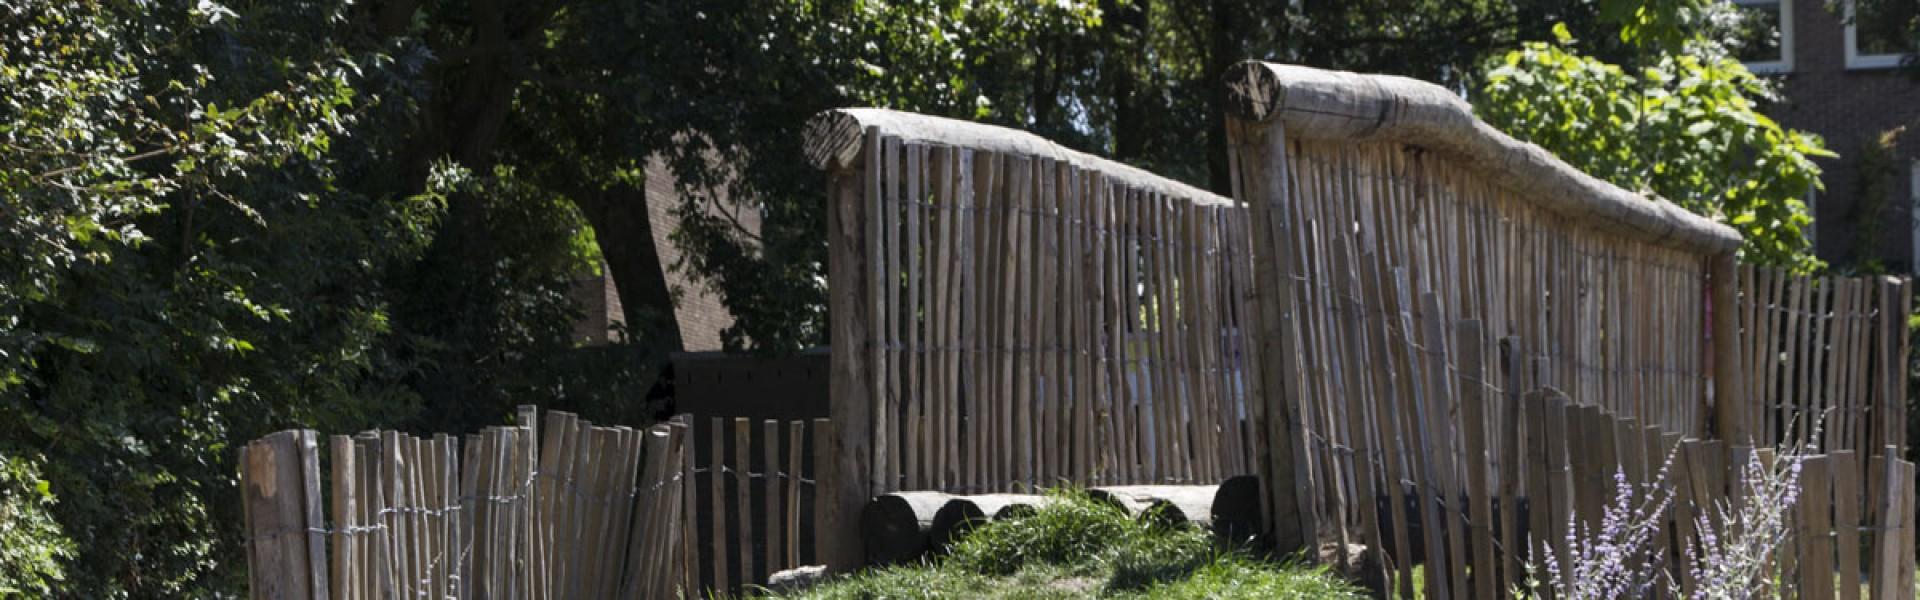 Hovenier Peter Matze – Hazerswoude